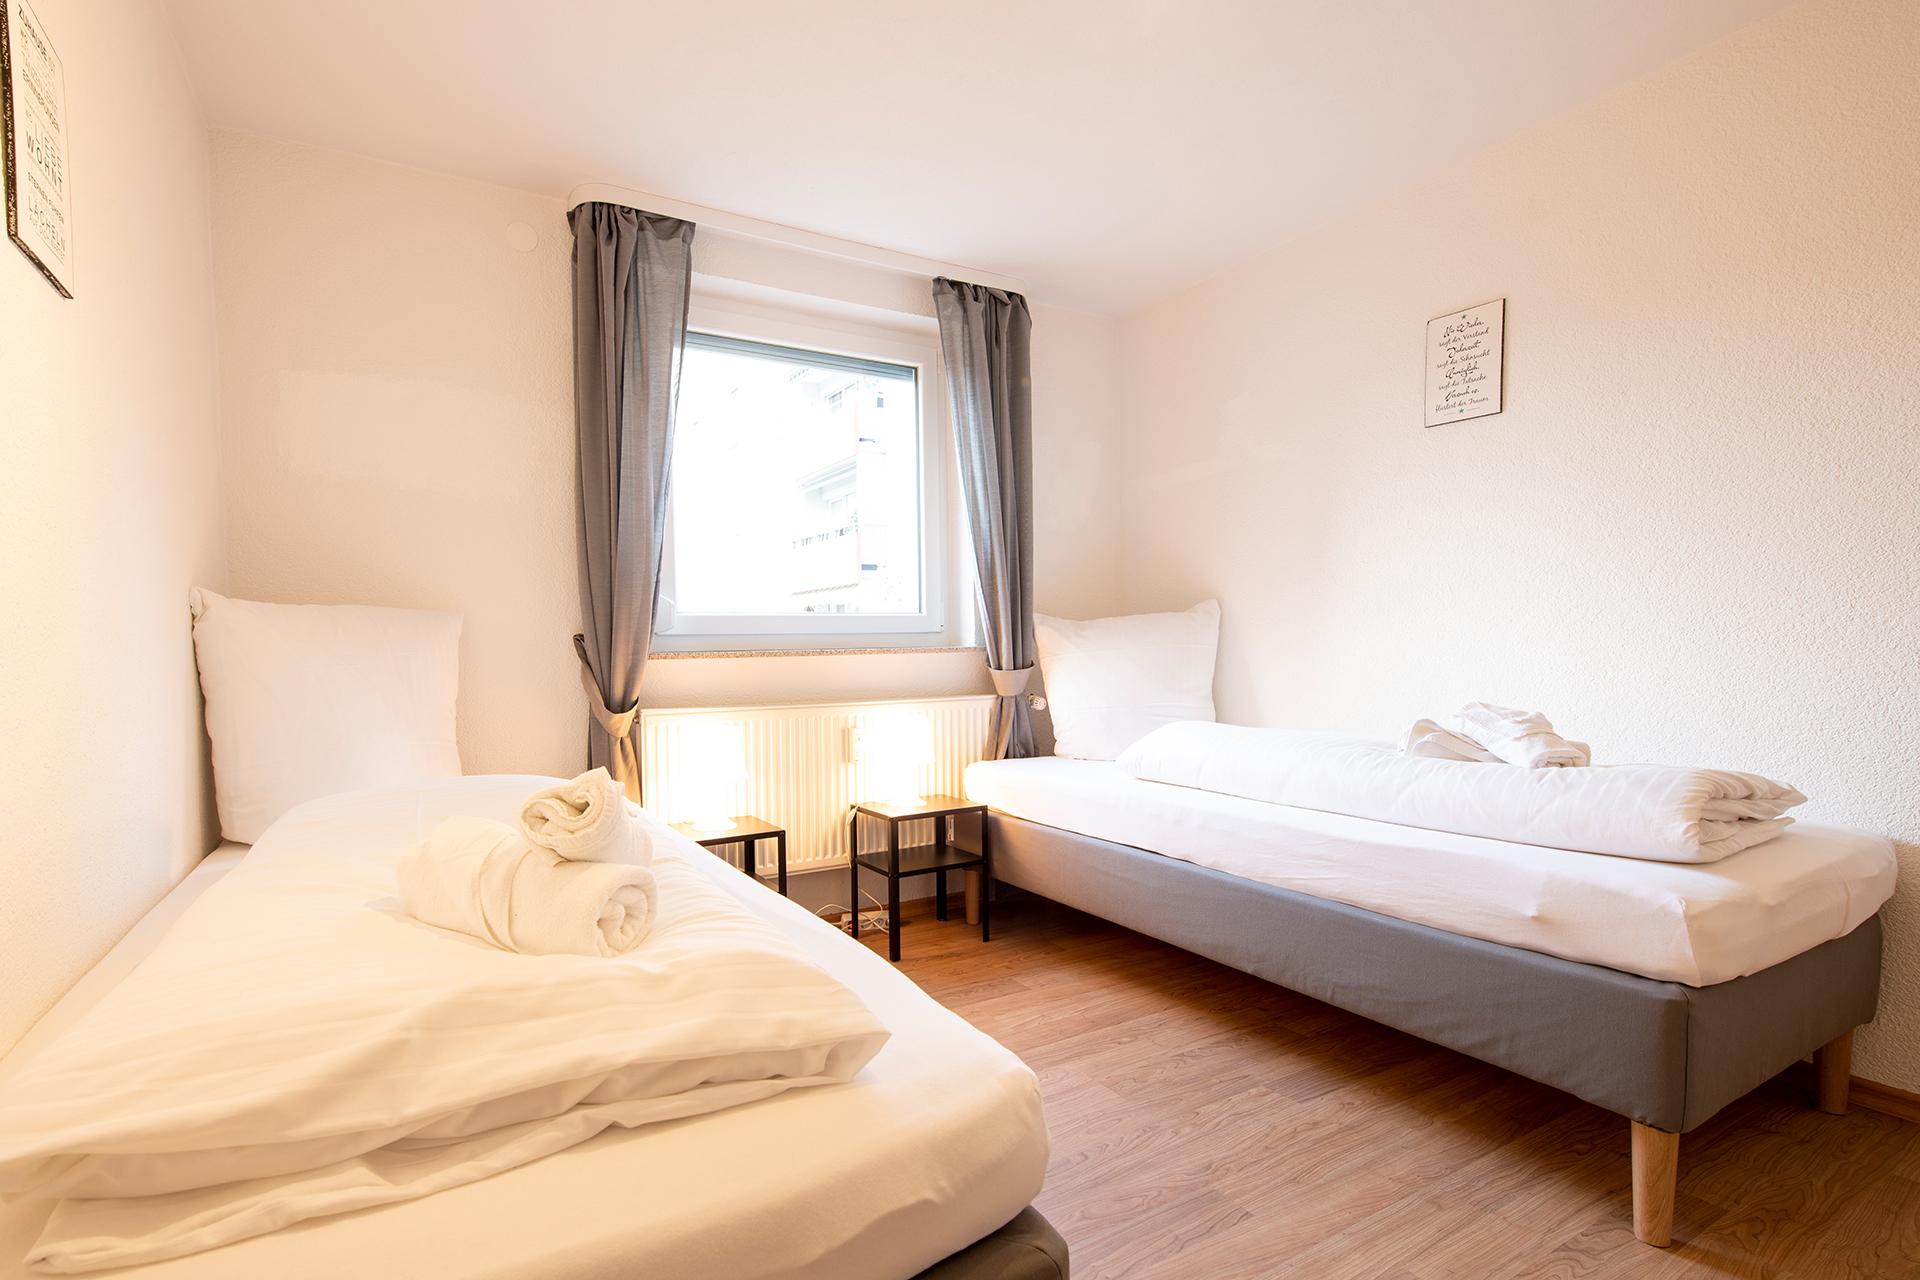 Ferienwohnung am Bodensee: Markdorf - Schlafzimmer 1